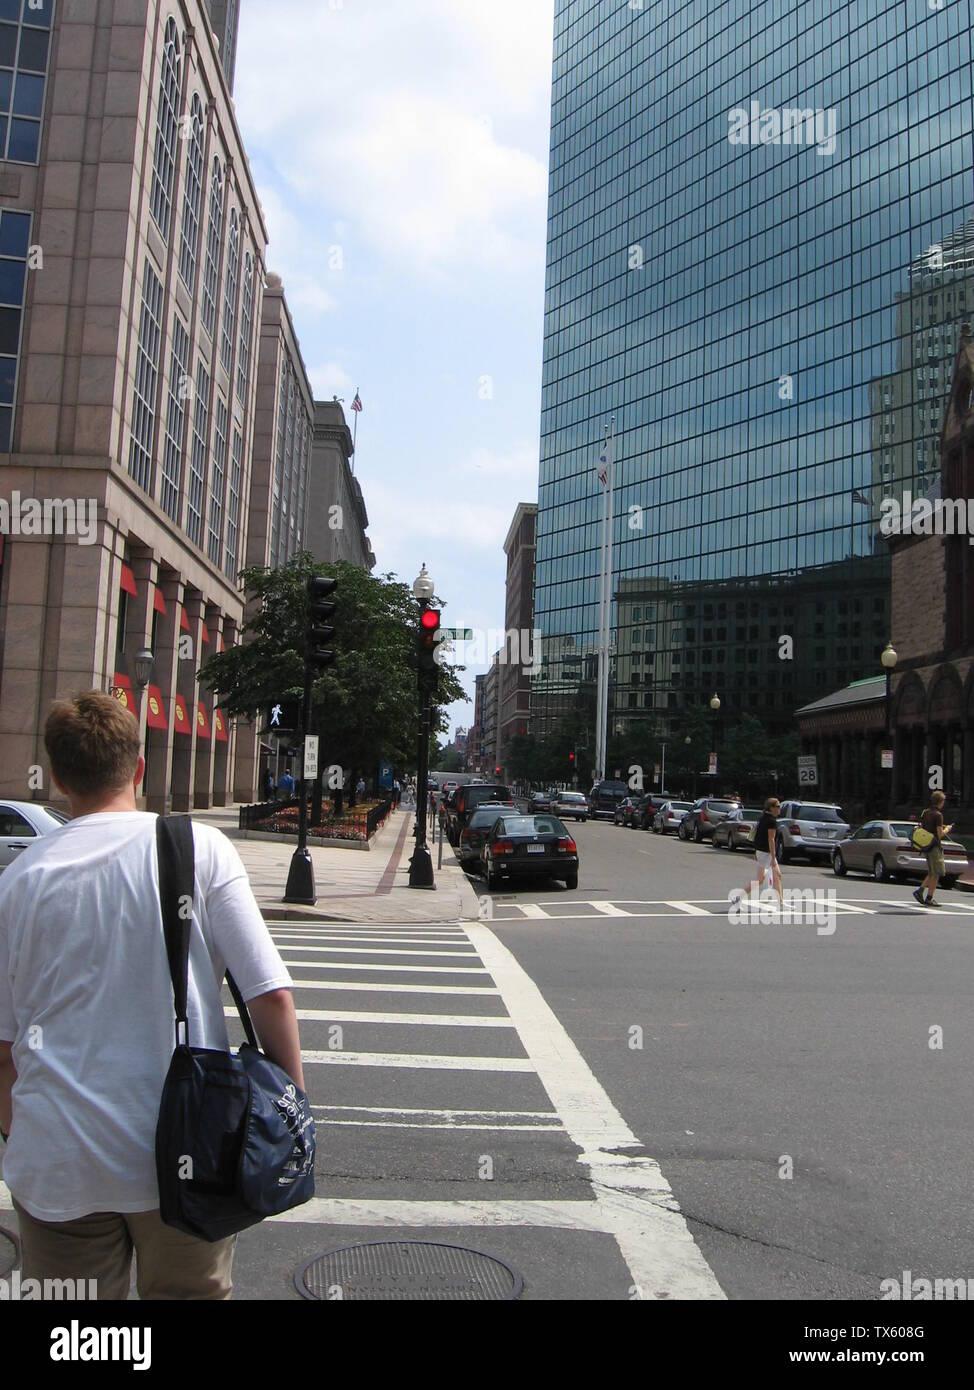 'Fotos de Boston y Harvard adoptadas sobre Wikimania2006. Por favor consultarme antes de utilizar imágenes que muestran personas.; el propio trabajo; drork; ' Imagen De Stock